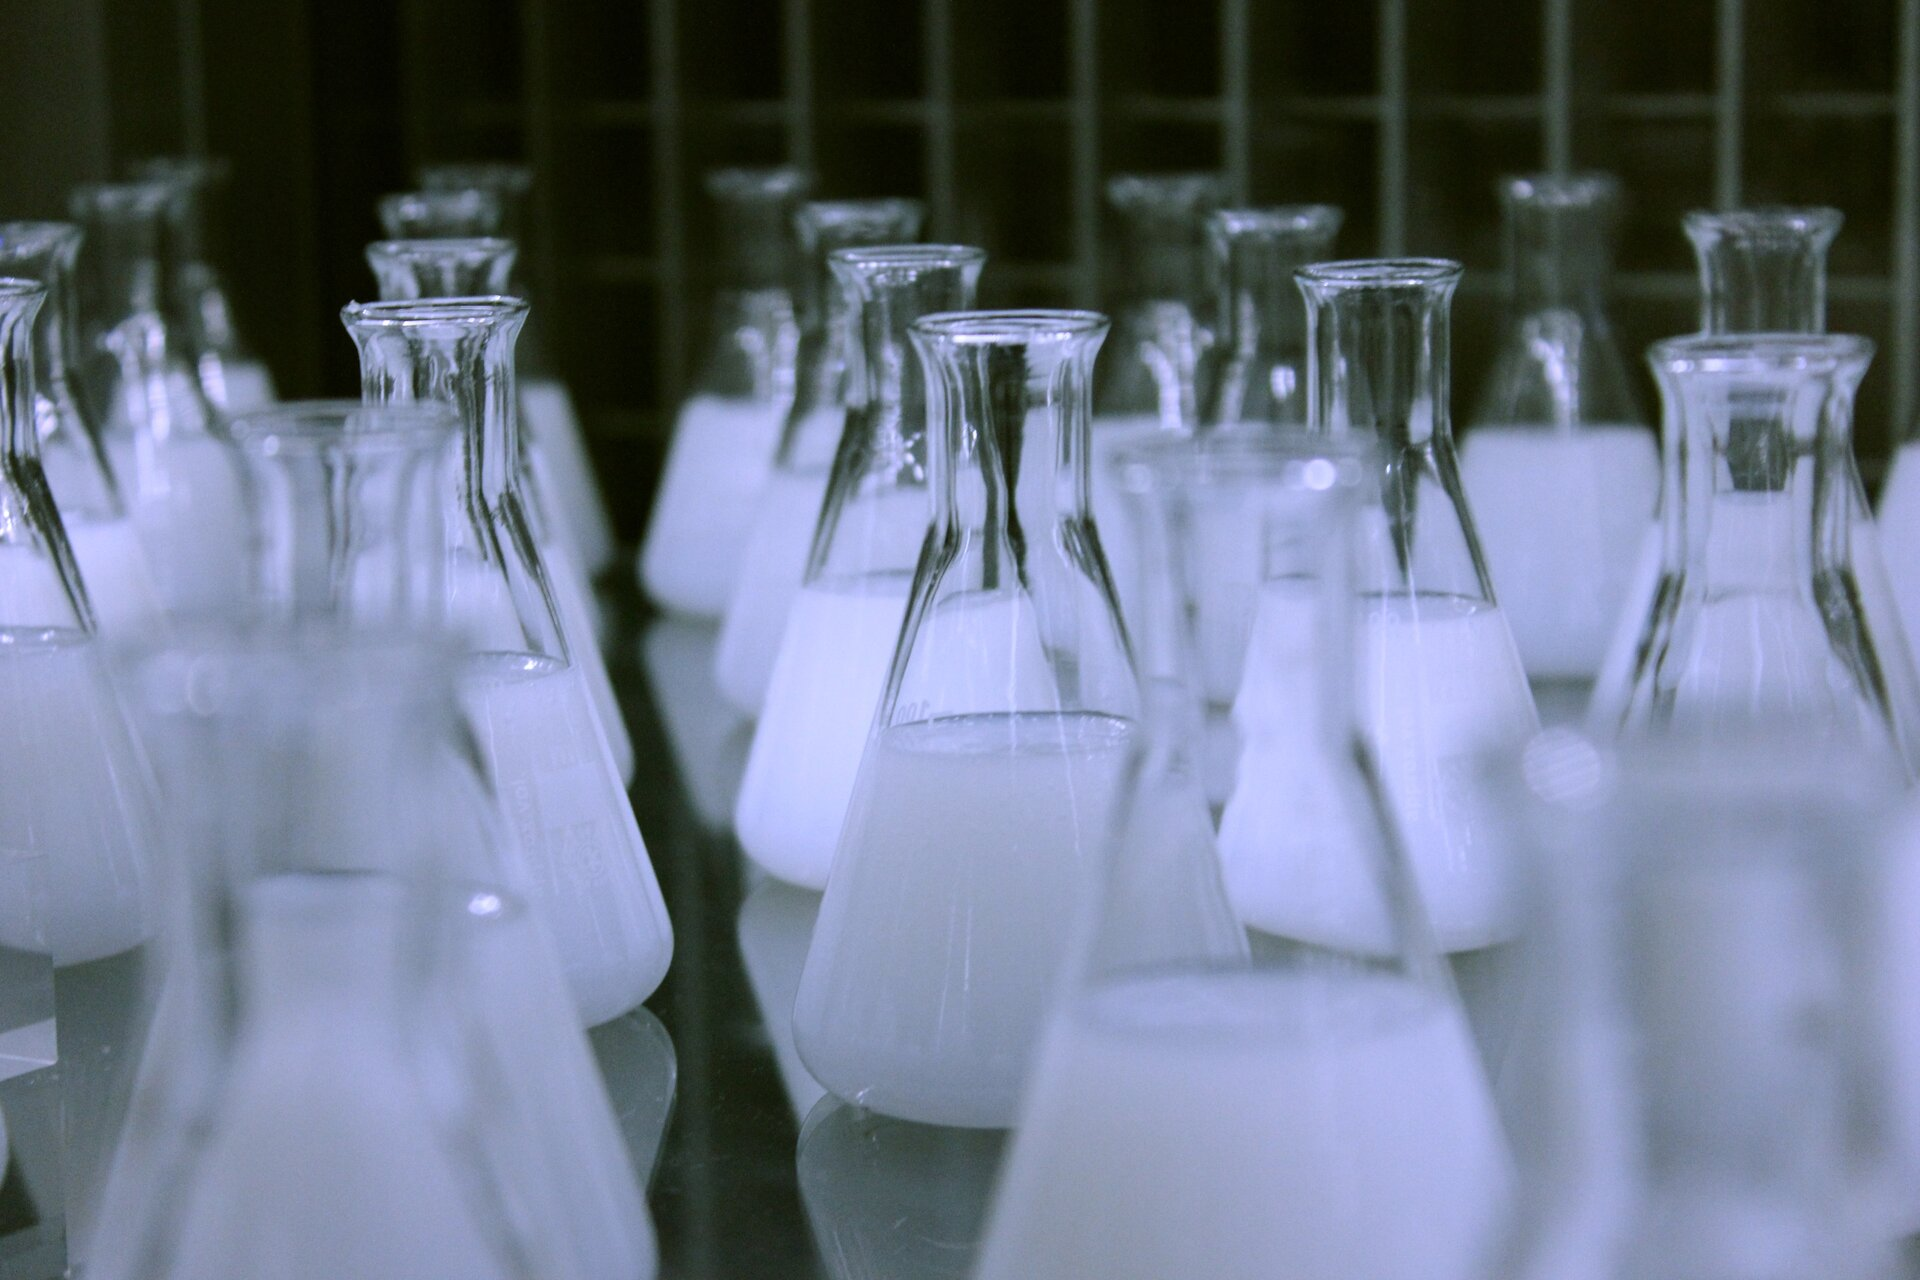 Na fotografii znajdują się szklane kolby laboratoryjne zawierające ciecz wbiałym kolorze.